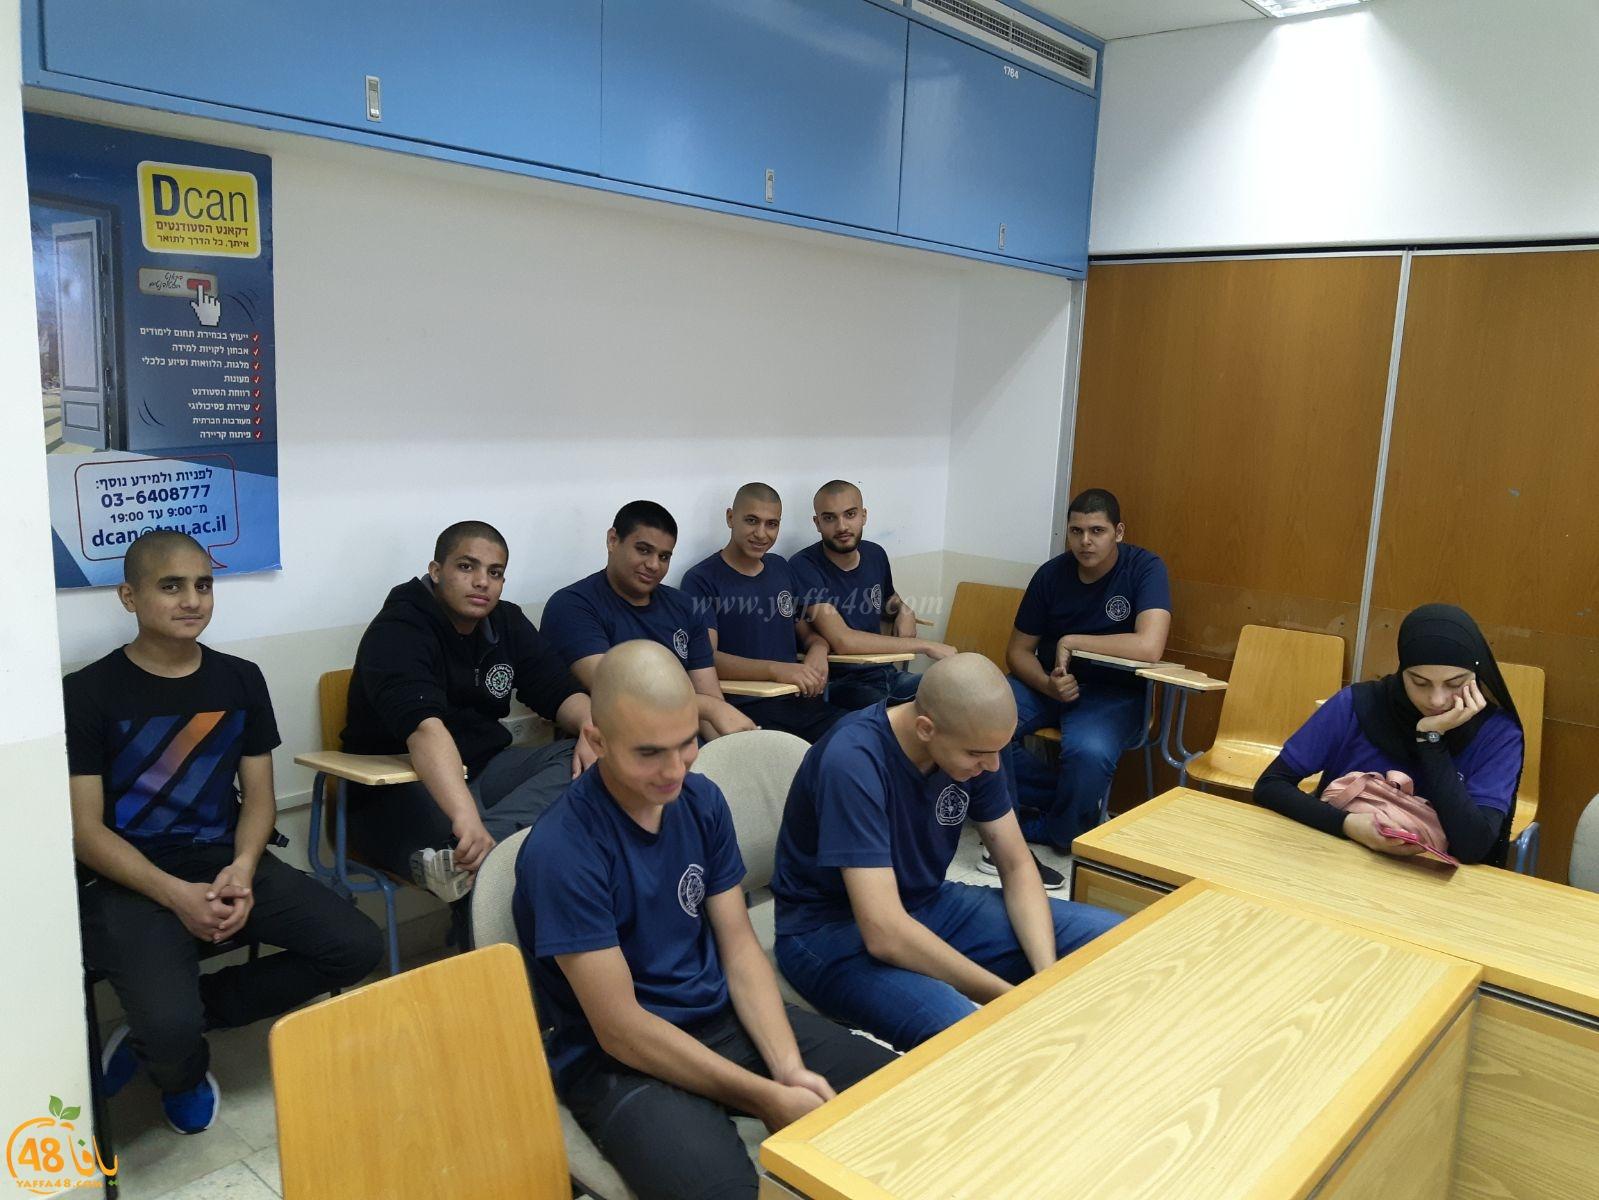 مدرسة يافا المستقبل  في زيارة لجامعة تل ابيب ضمن برنامج الطريق الى المعاهد العليا